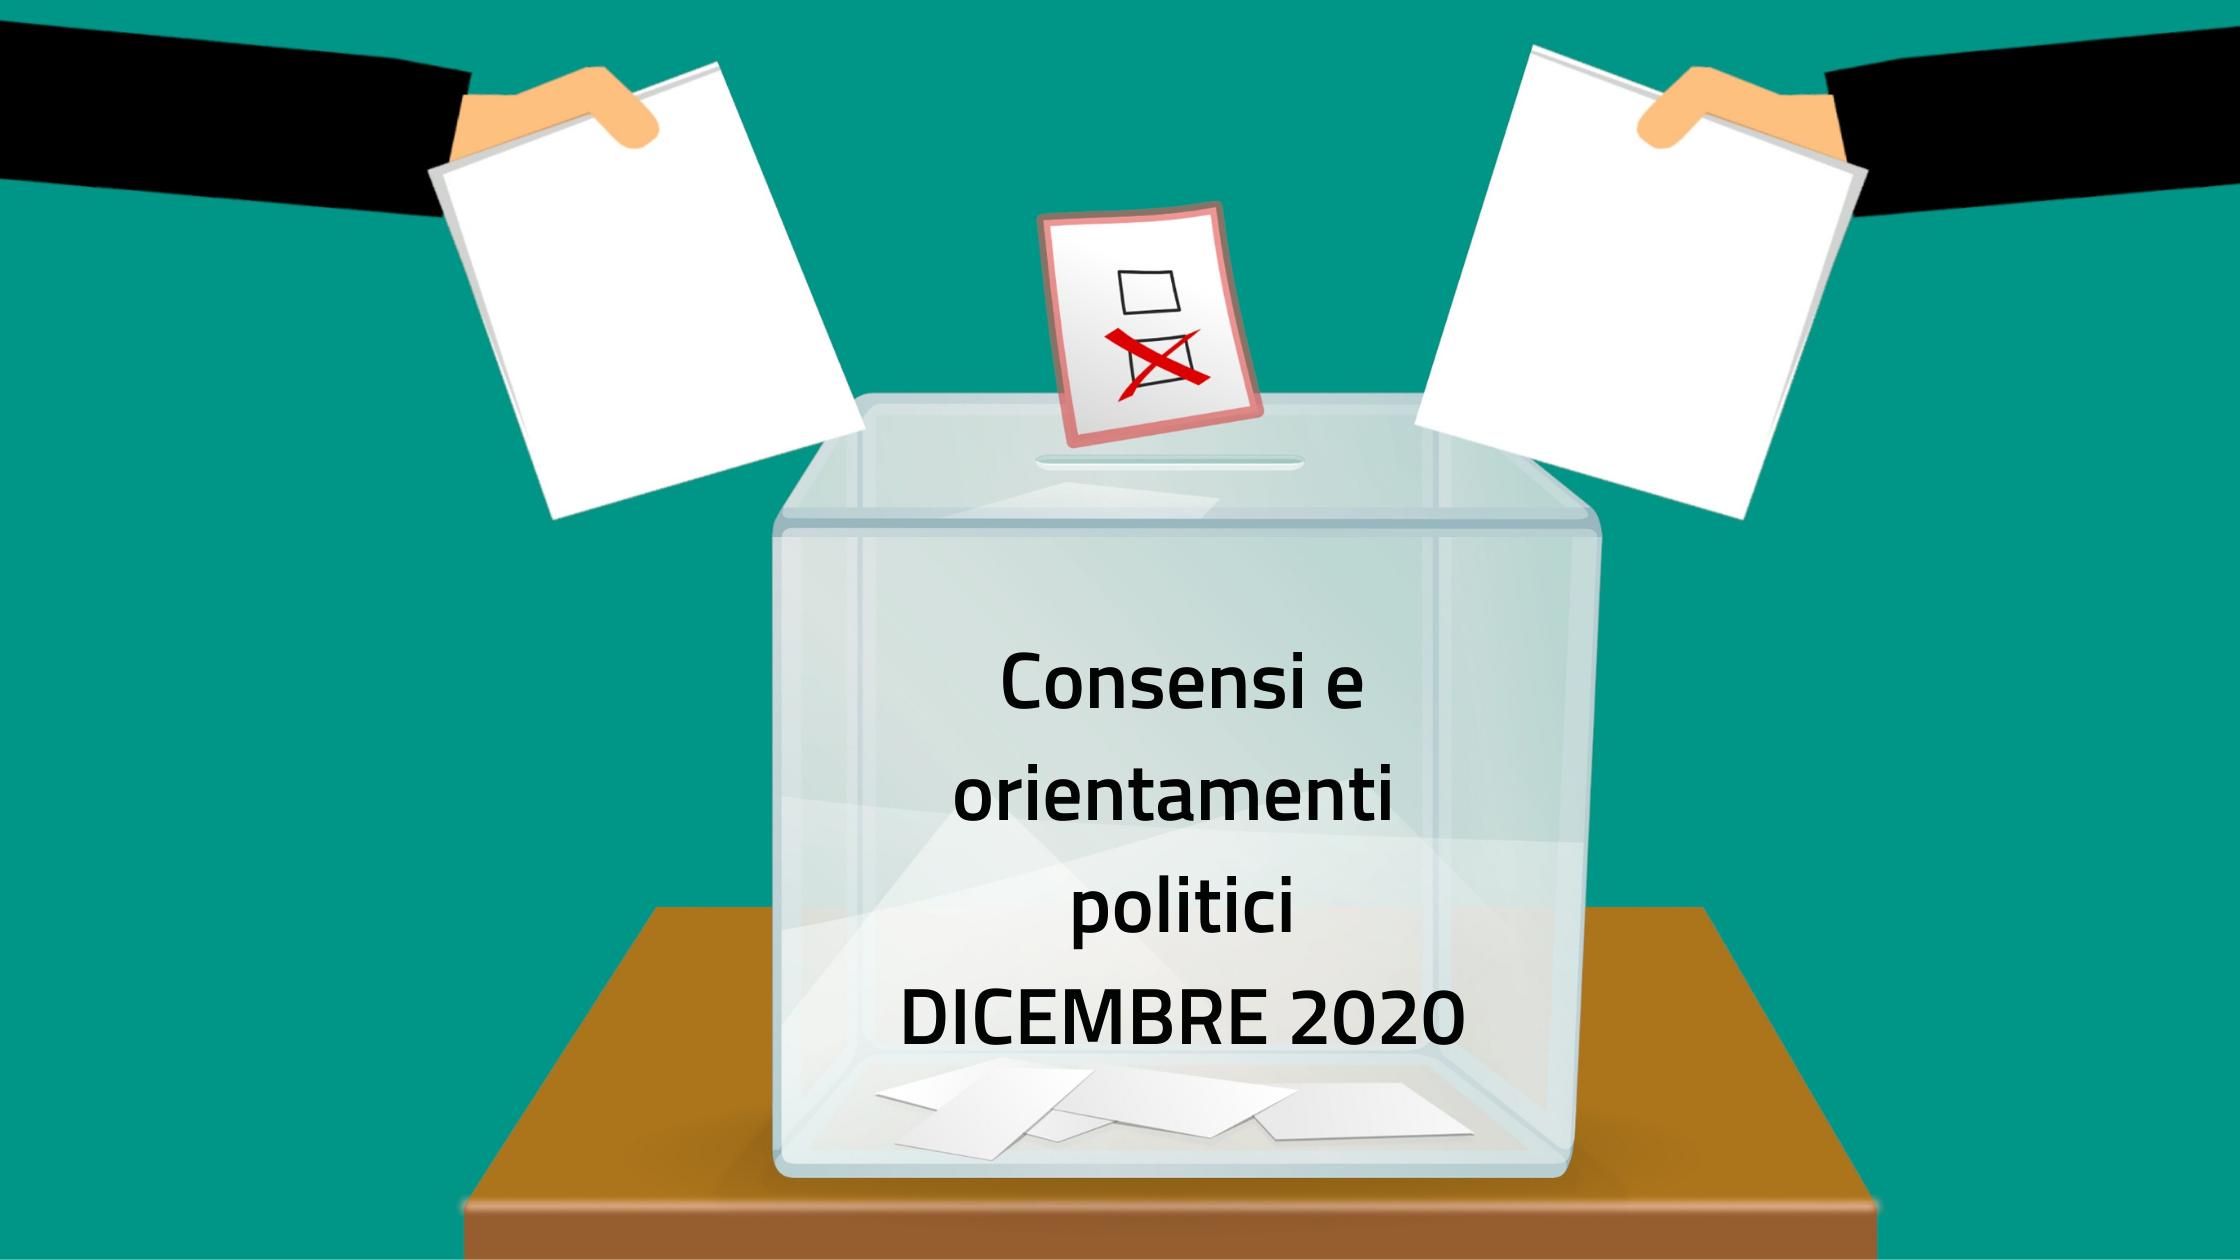 orientamenti voto dicembre 2020.png